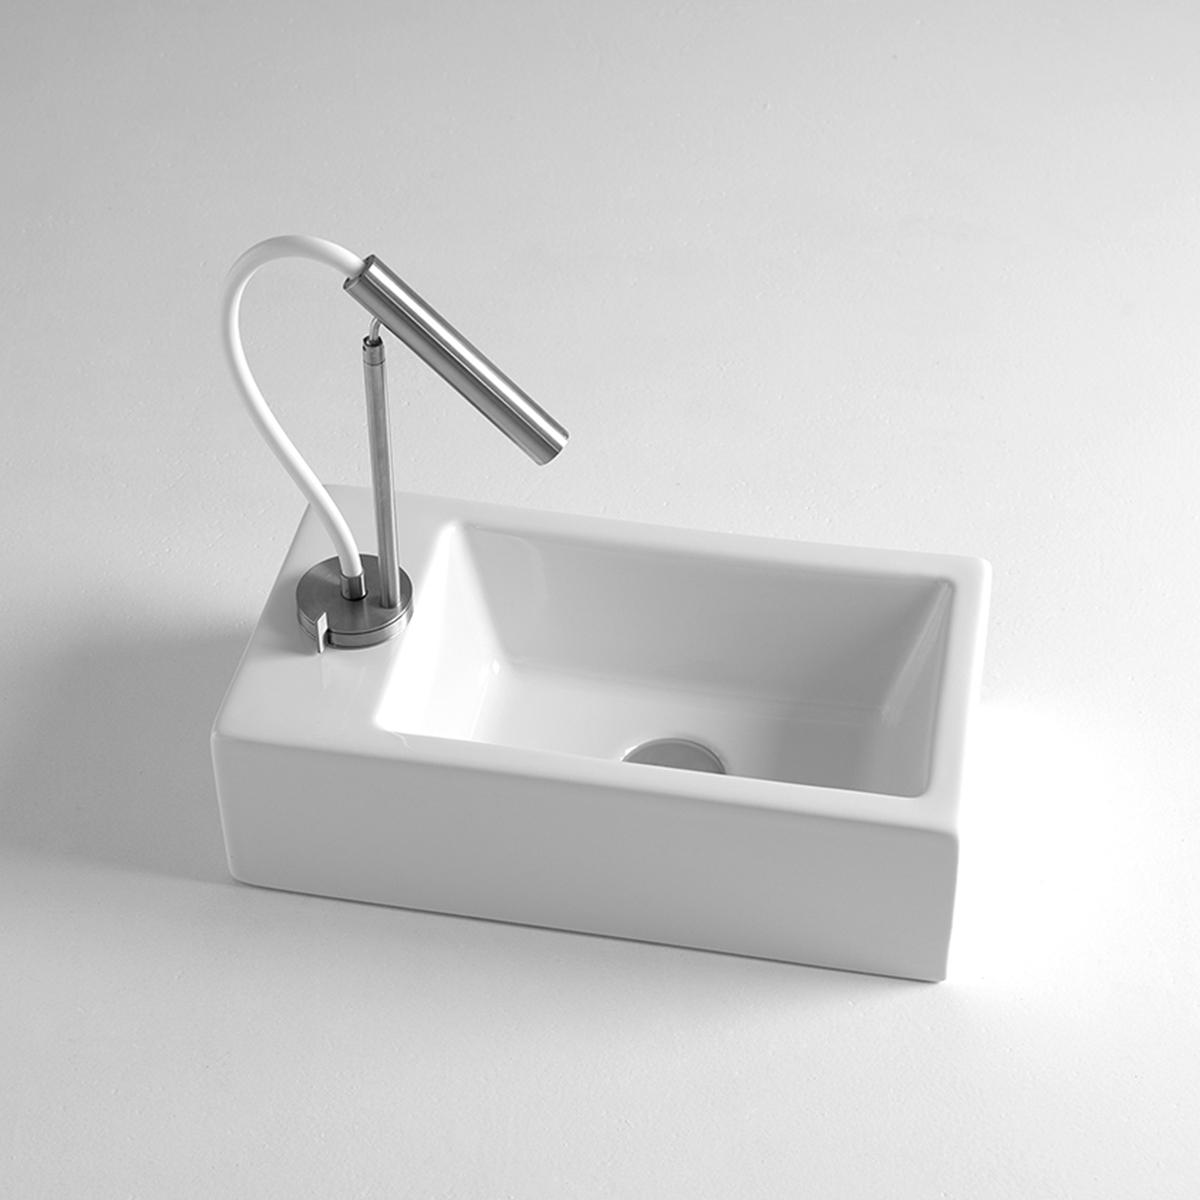 Mini lavabo bagno 24x44 cm - Lavello bagno appoggio ...